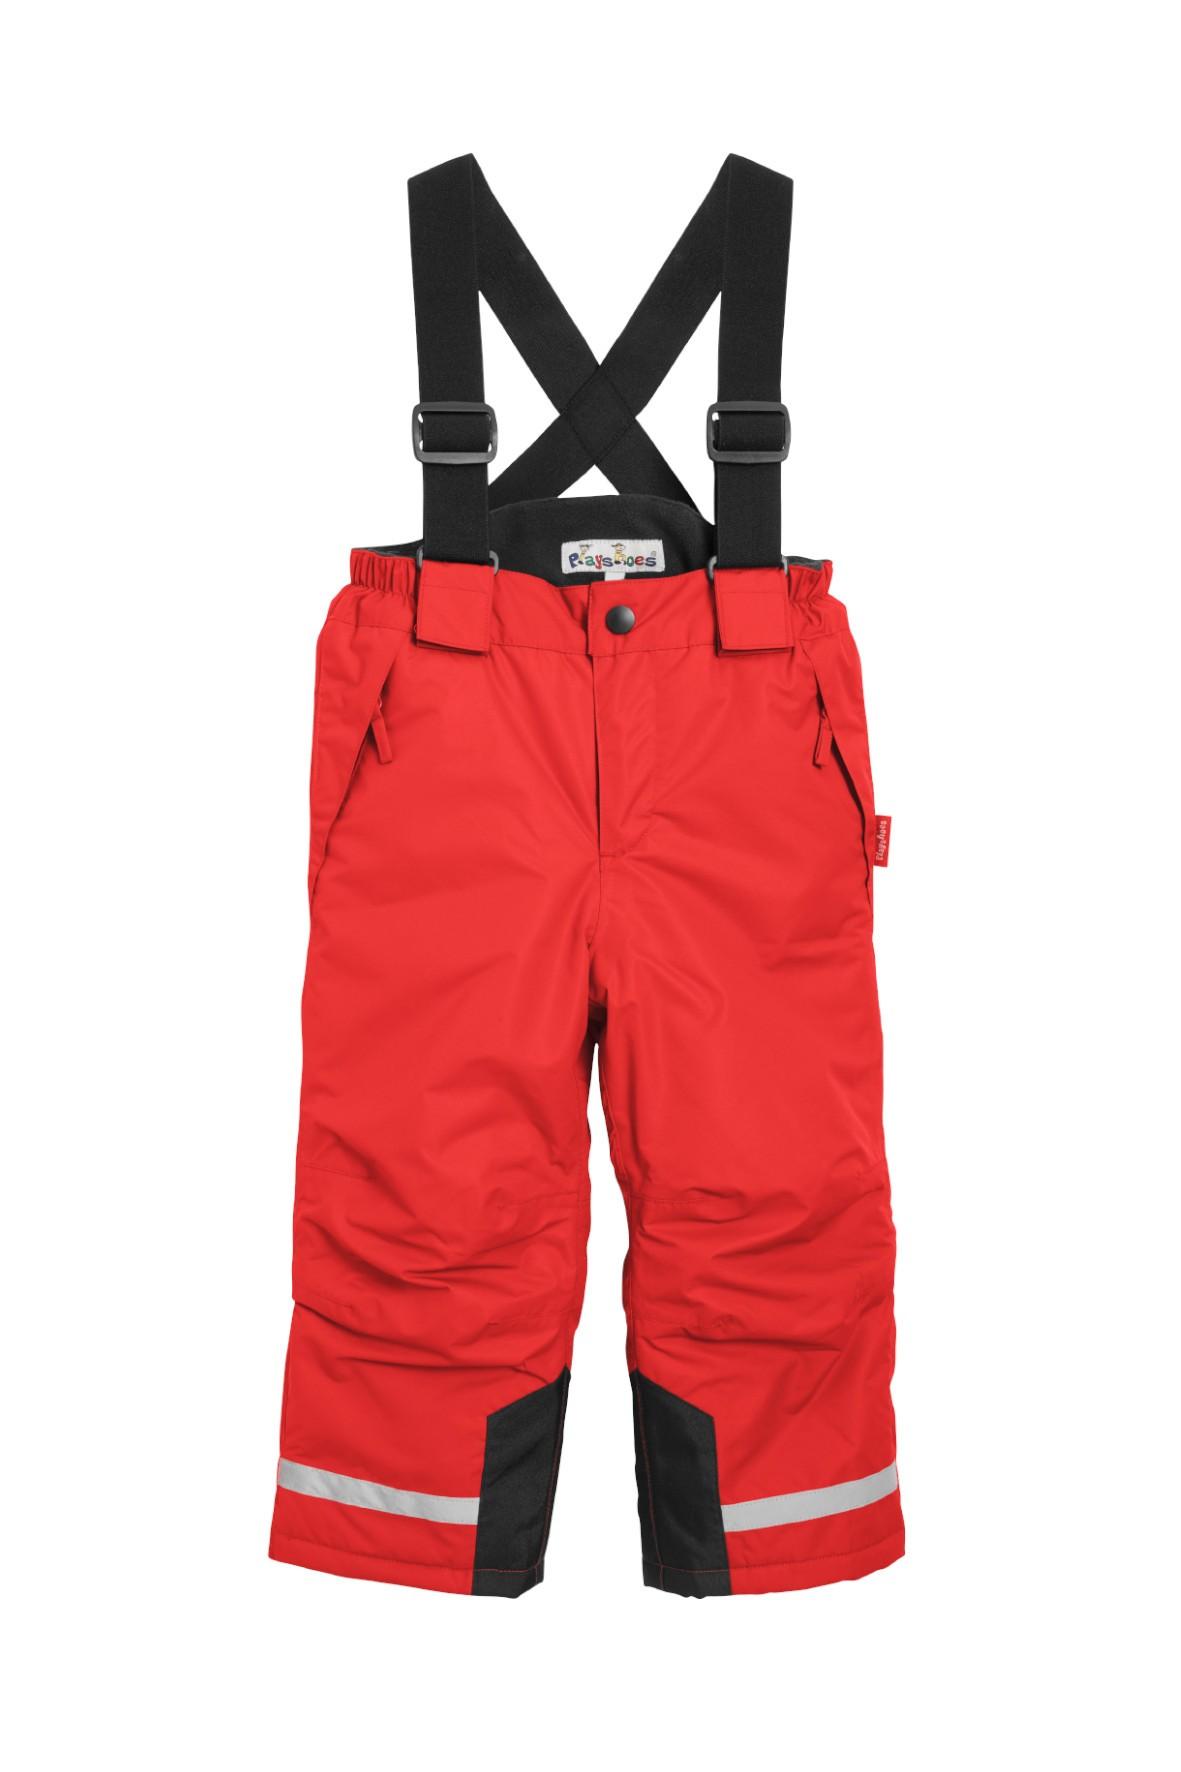 Spodnie narciarskie dla dziecka ocieplone z elemantami odblaskowymi